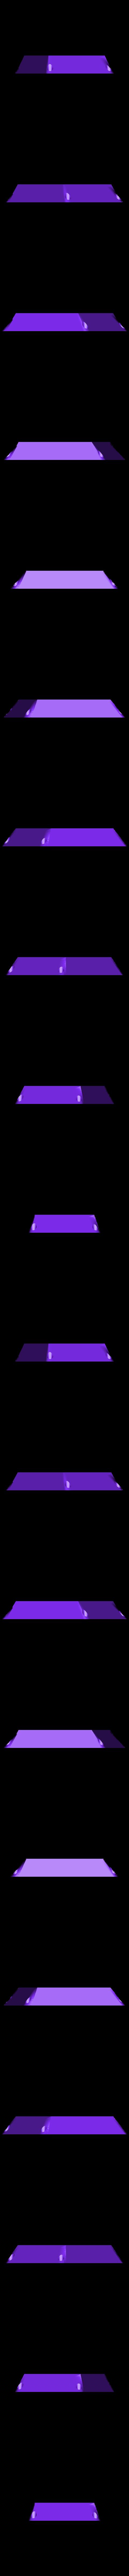 BodyUp.stl Download free STL file JM Self Balancing Robot V1 • 3D printer model, JMDesign